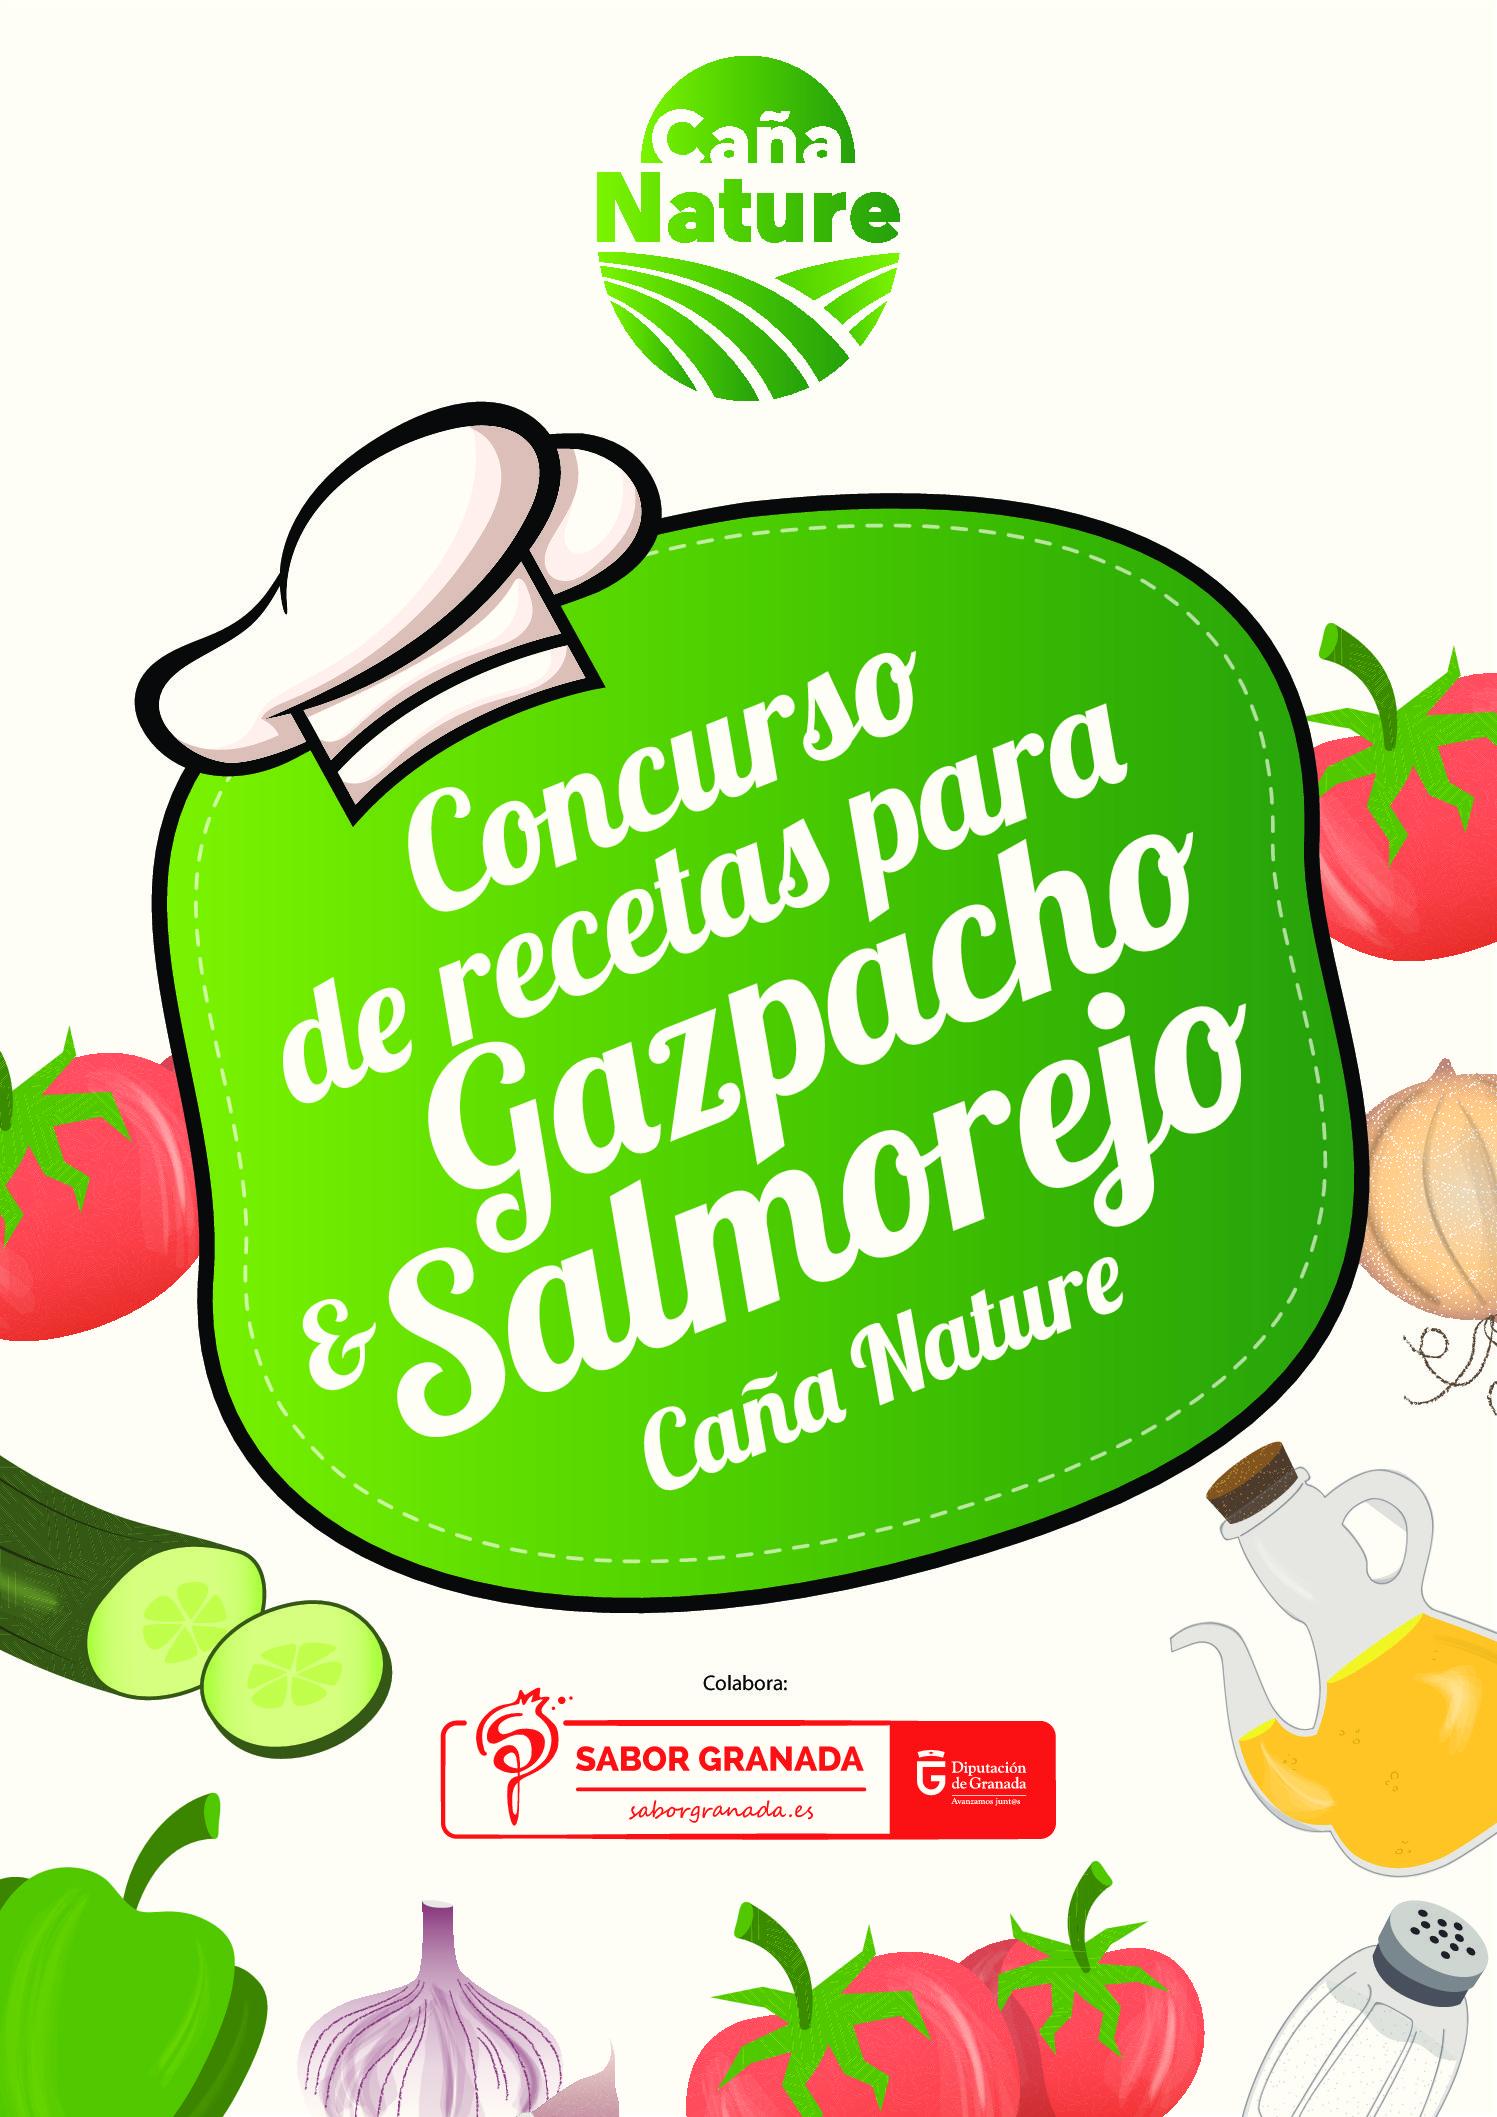 Sabor Granada premiará los mejores gazpachos y salmorejos elaborados por alumnos de hostelería de la provincia